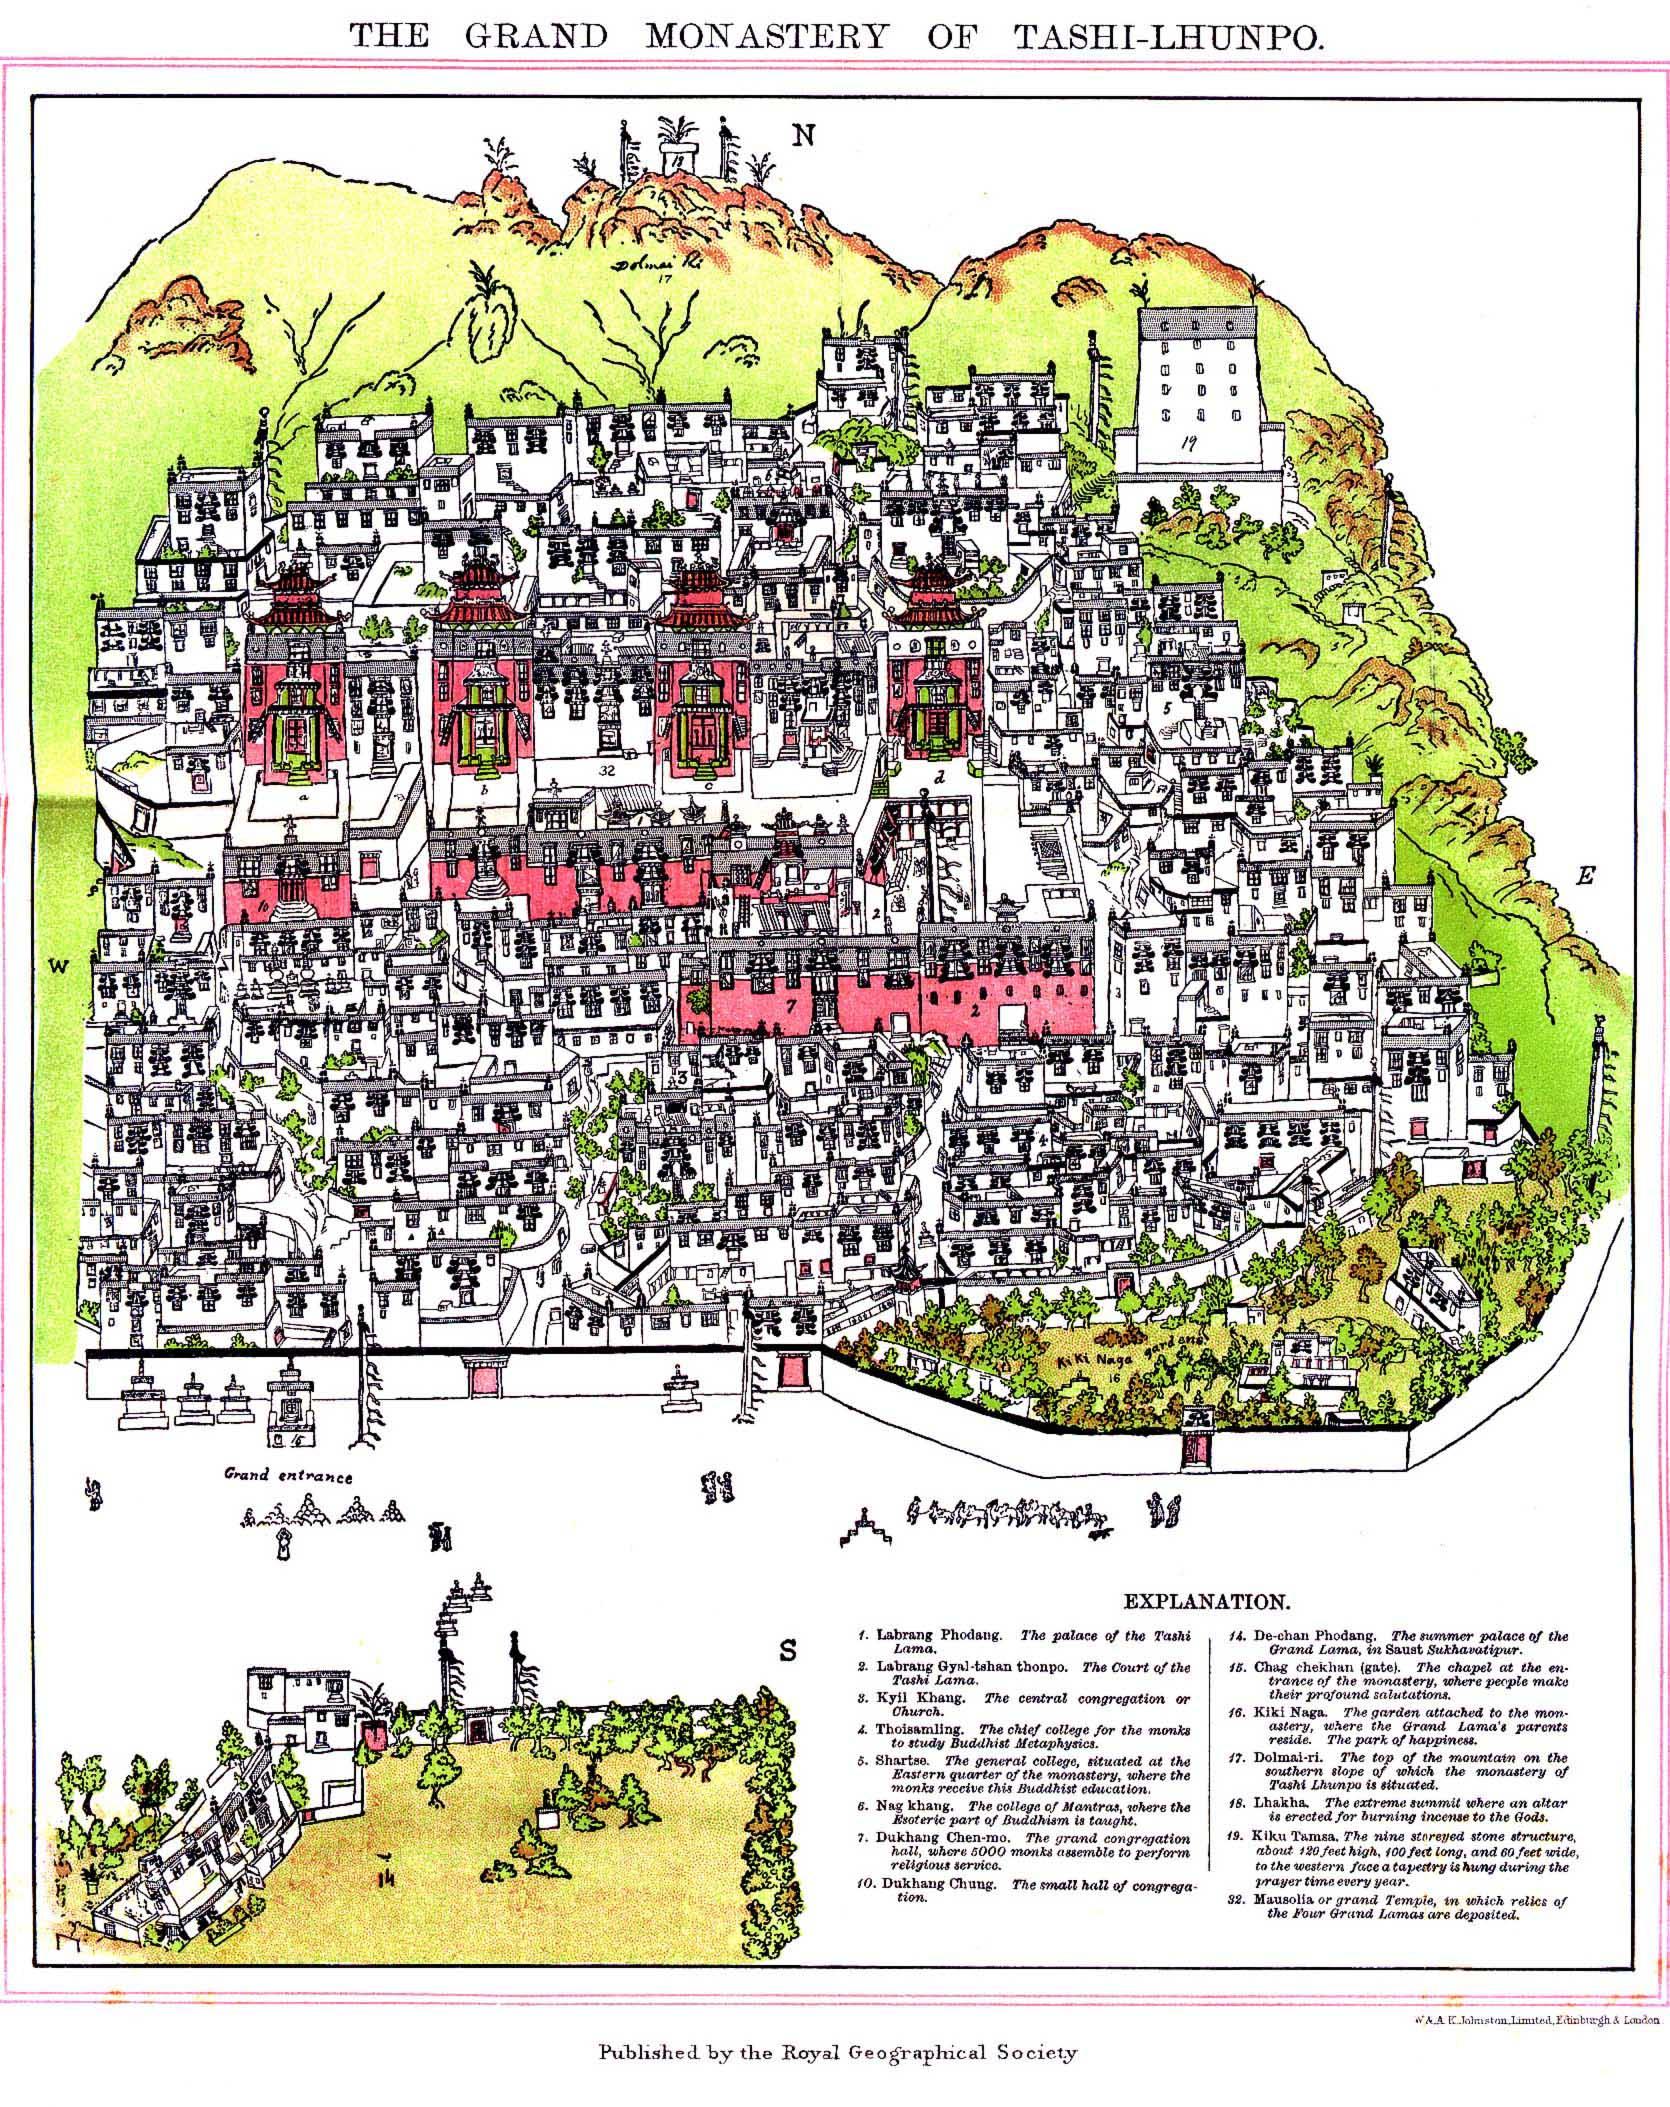 Mapa do Mosteiro Tashilhunpo em Shigatse, Tibete